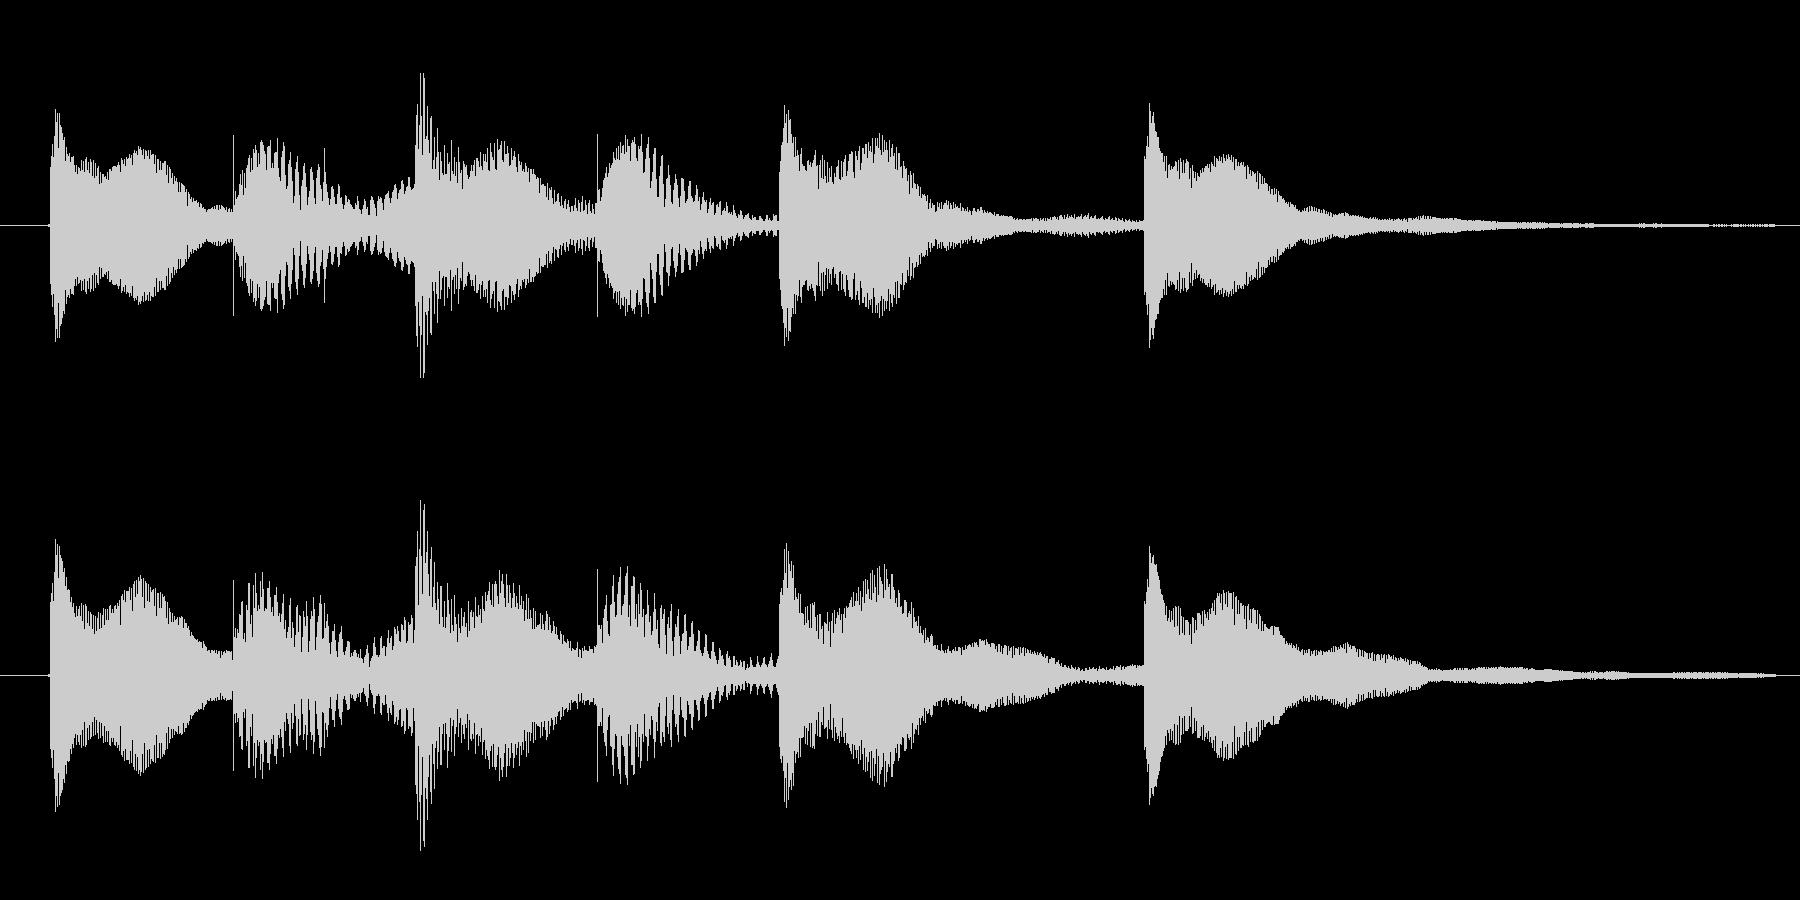 オールマイティに使える3秒サウンドロゴの未再生の波形